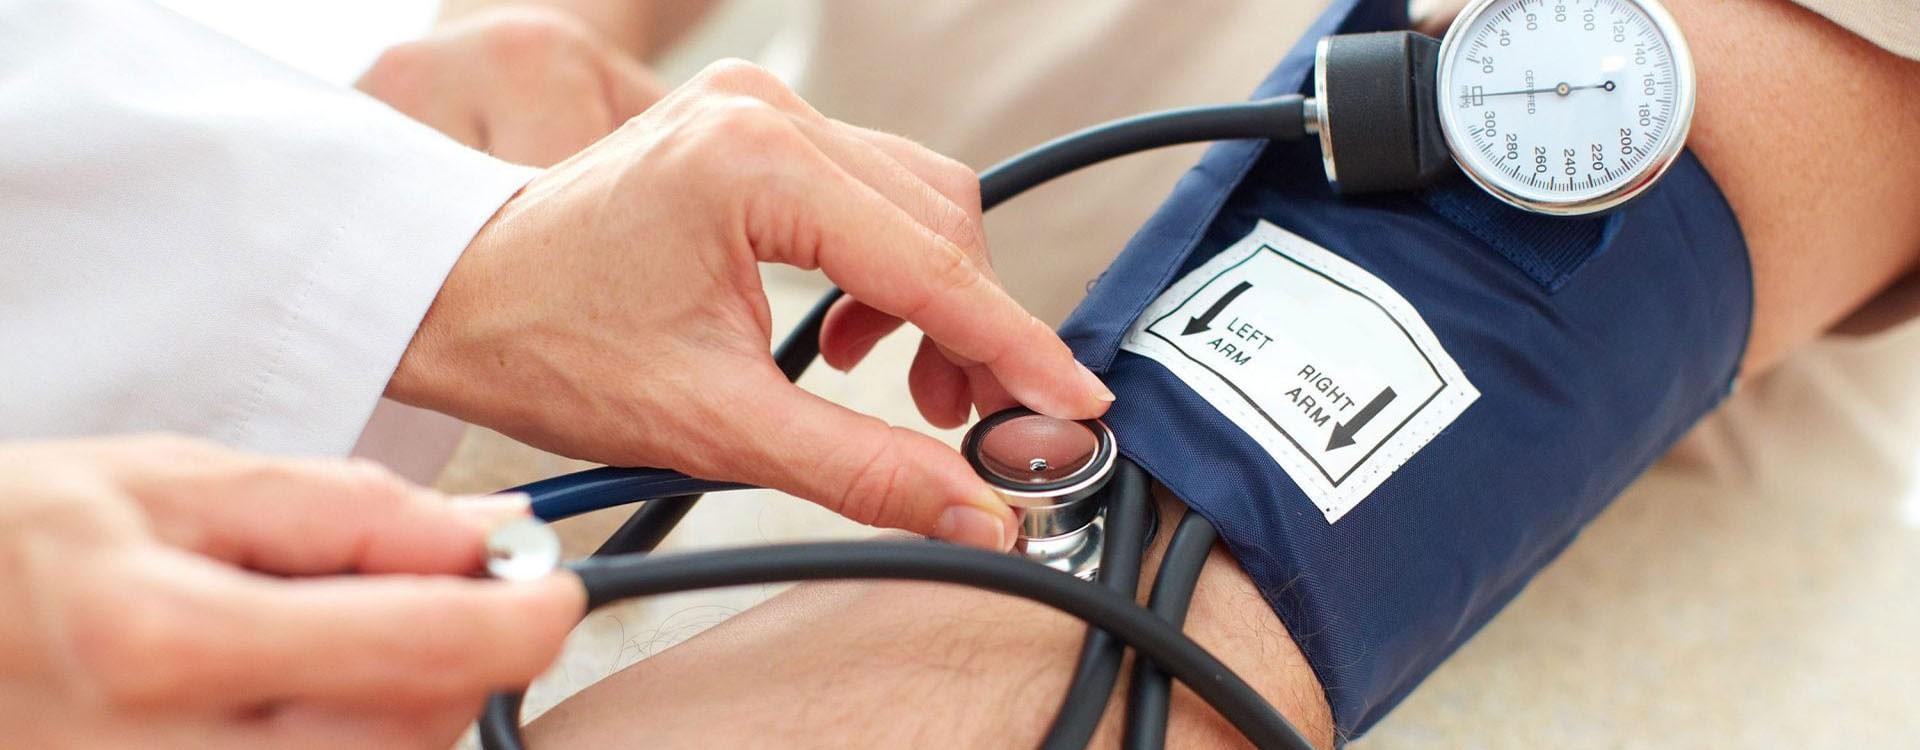 نکات مهم در انتخاب و خرید دستگاه فشار سنج | چگونه دستگاه فشارخون انتخاب کنیم